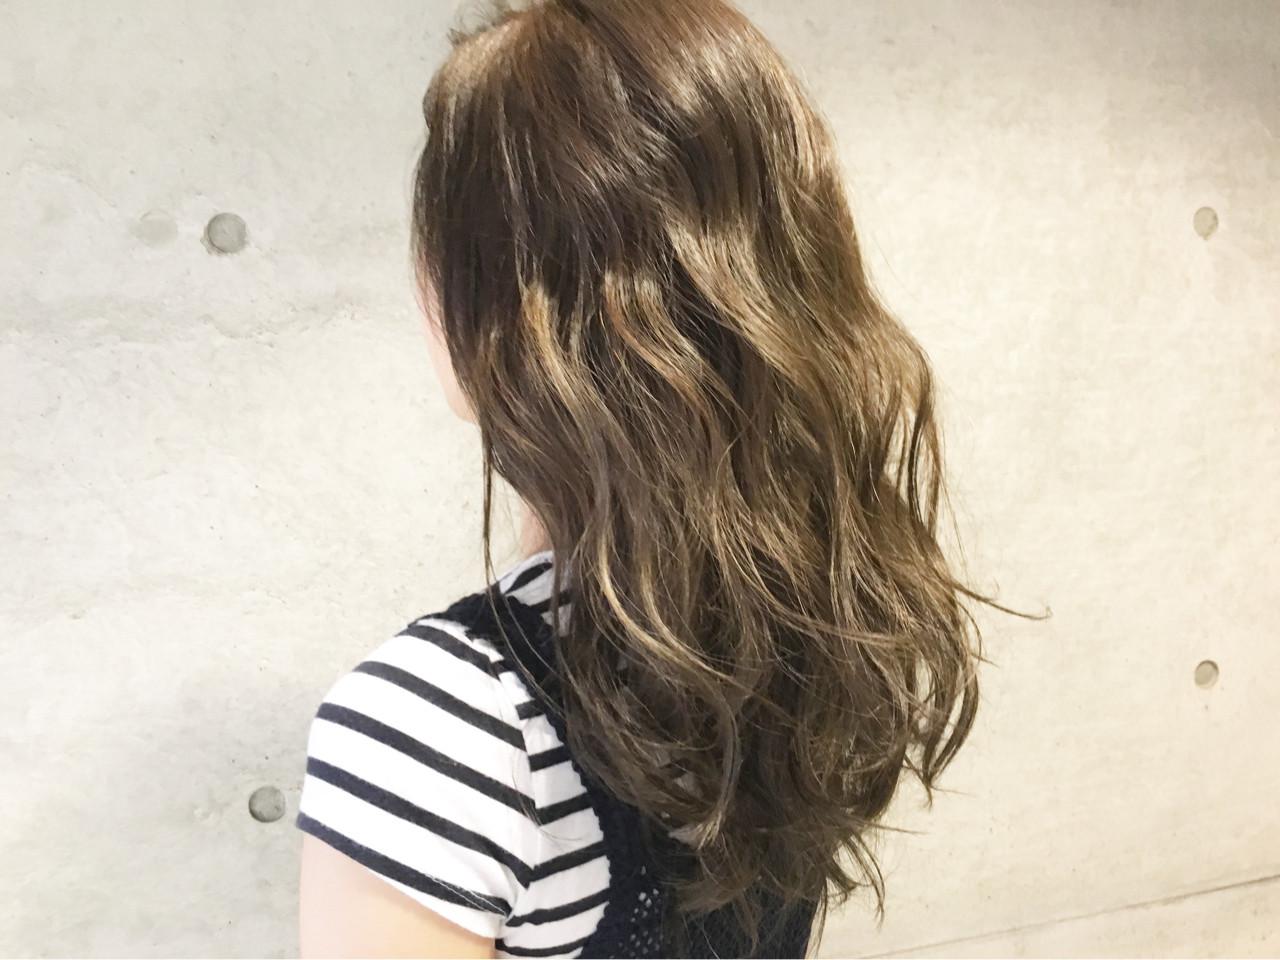 アッシュ ミディアム ナチュラル ブラウン ヘアスタイルや髪型の写真・画像 | Sayaka / diptyMOILA